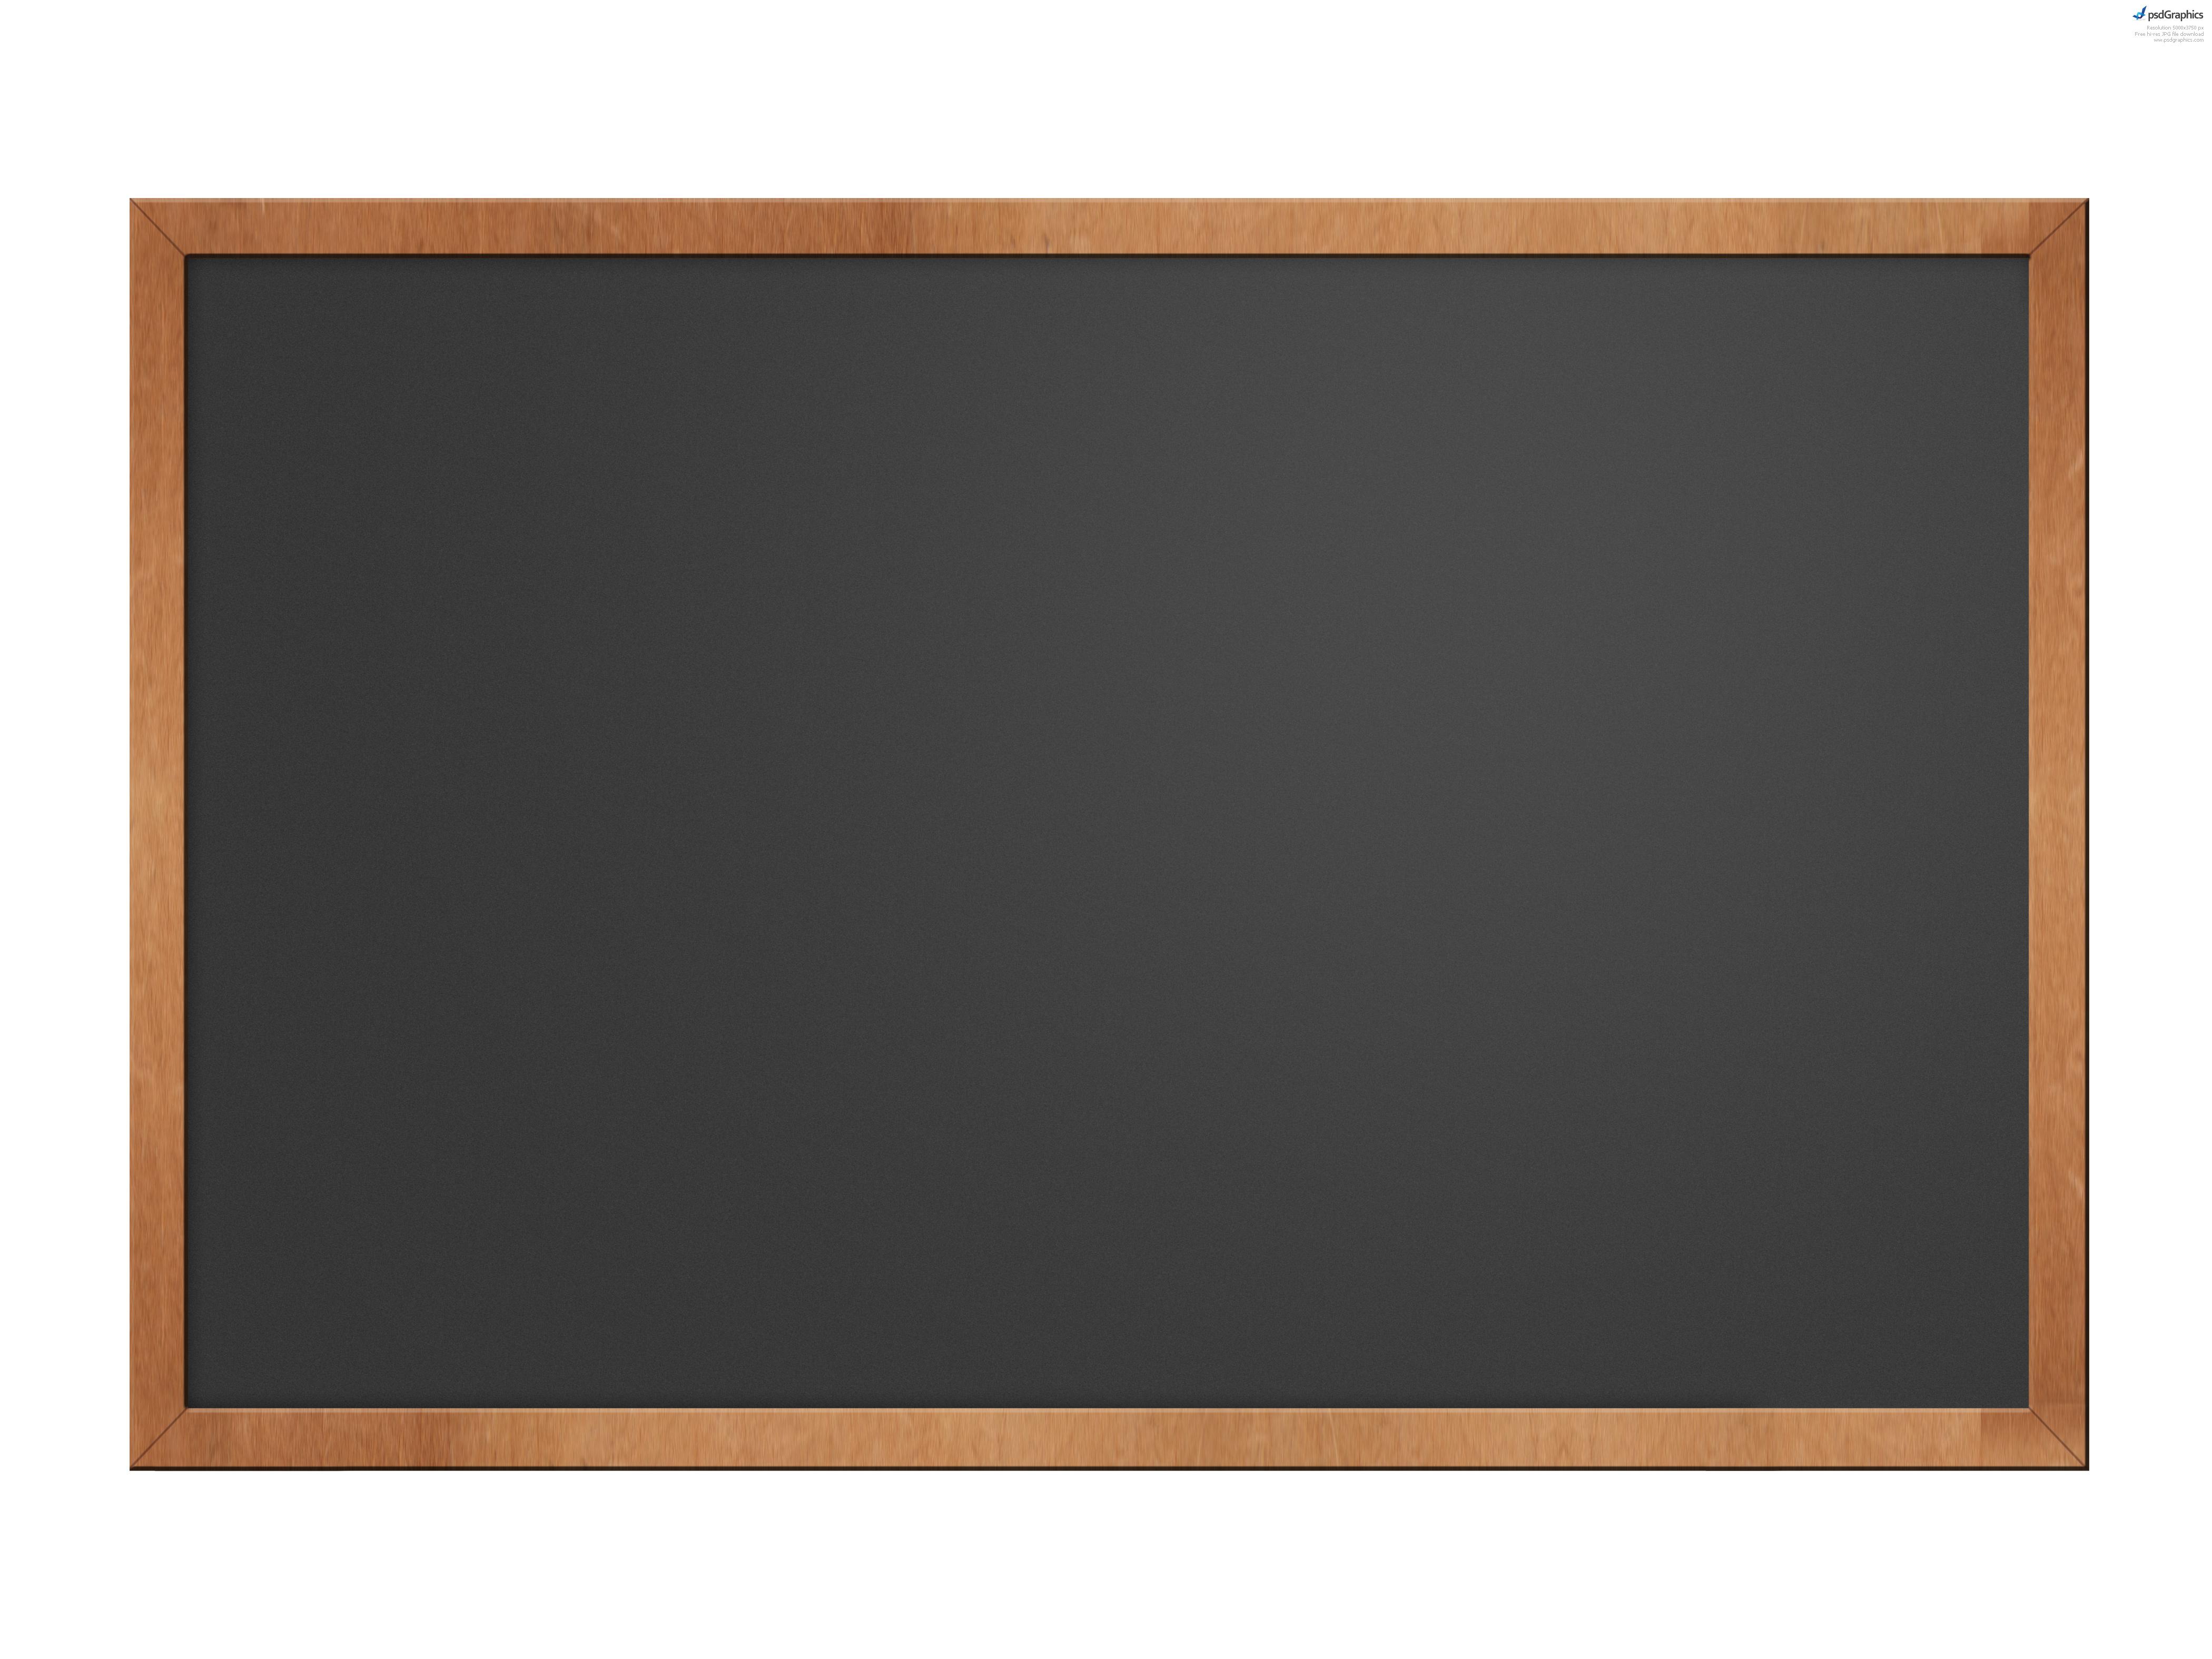 Black chalkboard free . Blackboard clipart blank